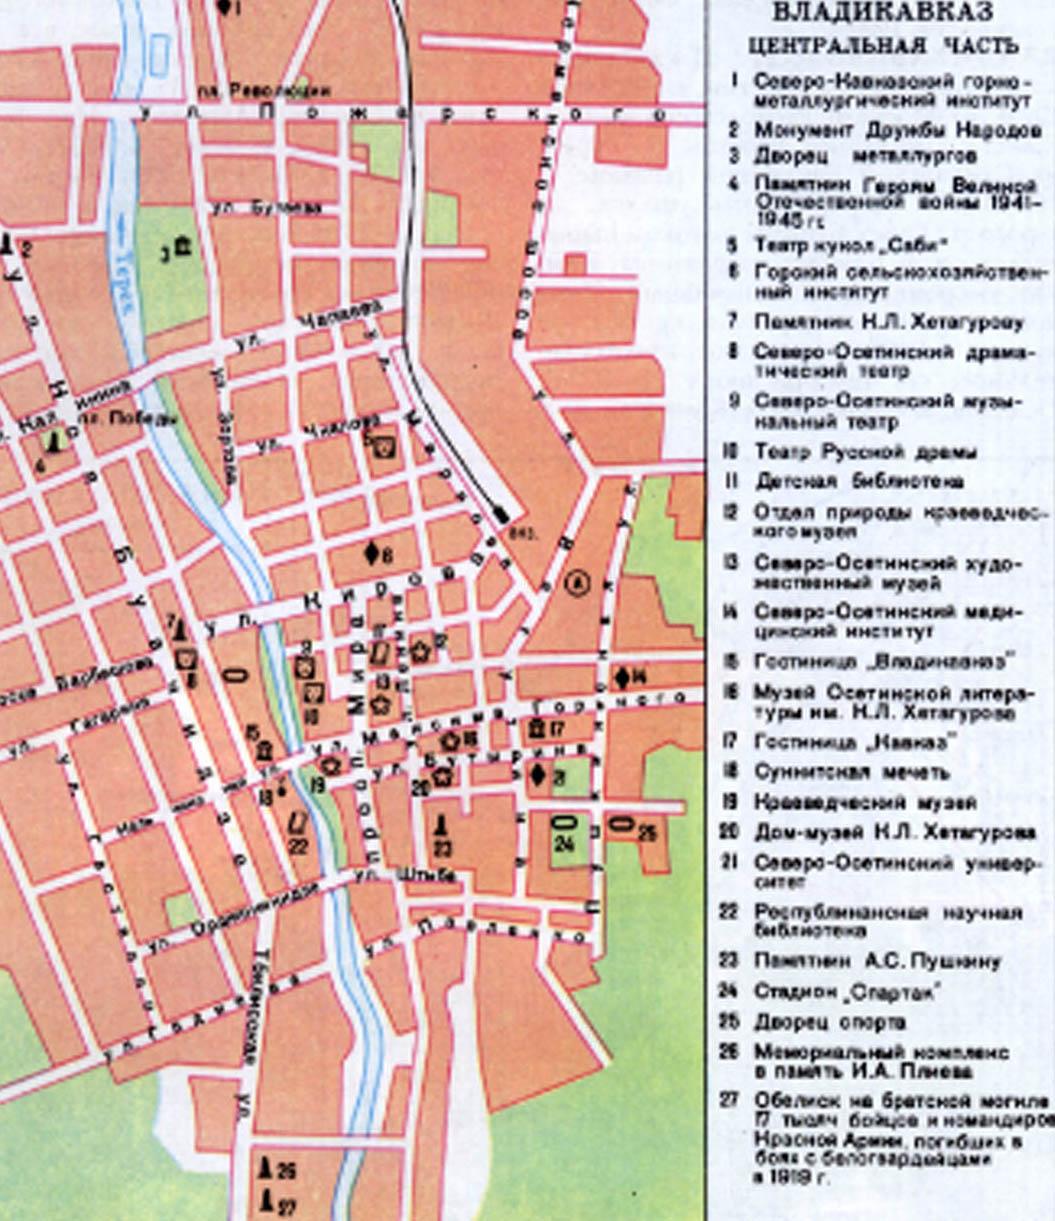 многих карты владикавказа с улицами синтетических волокон отводит